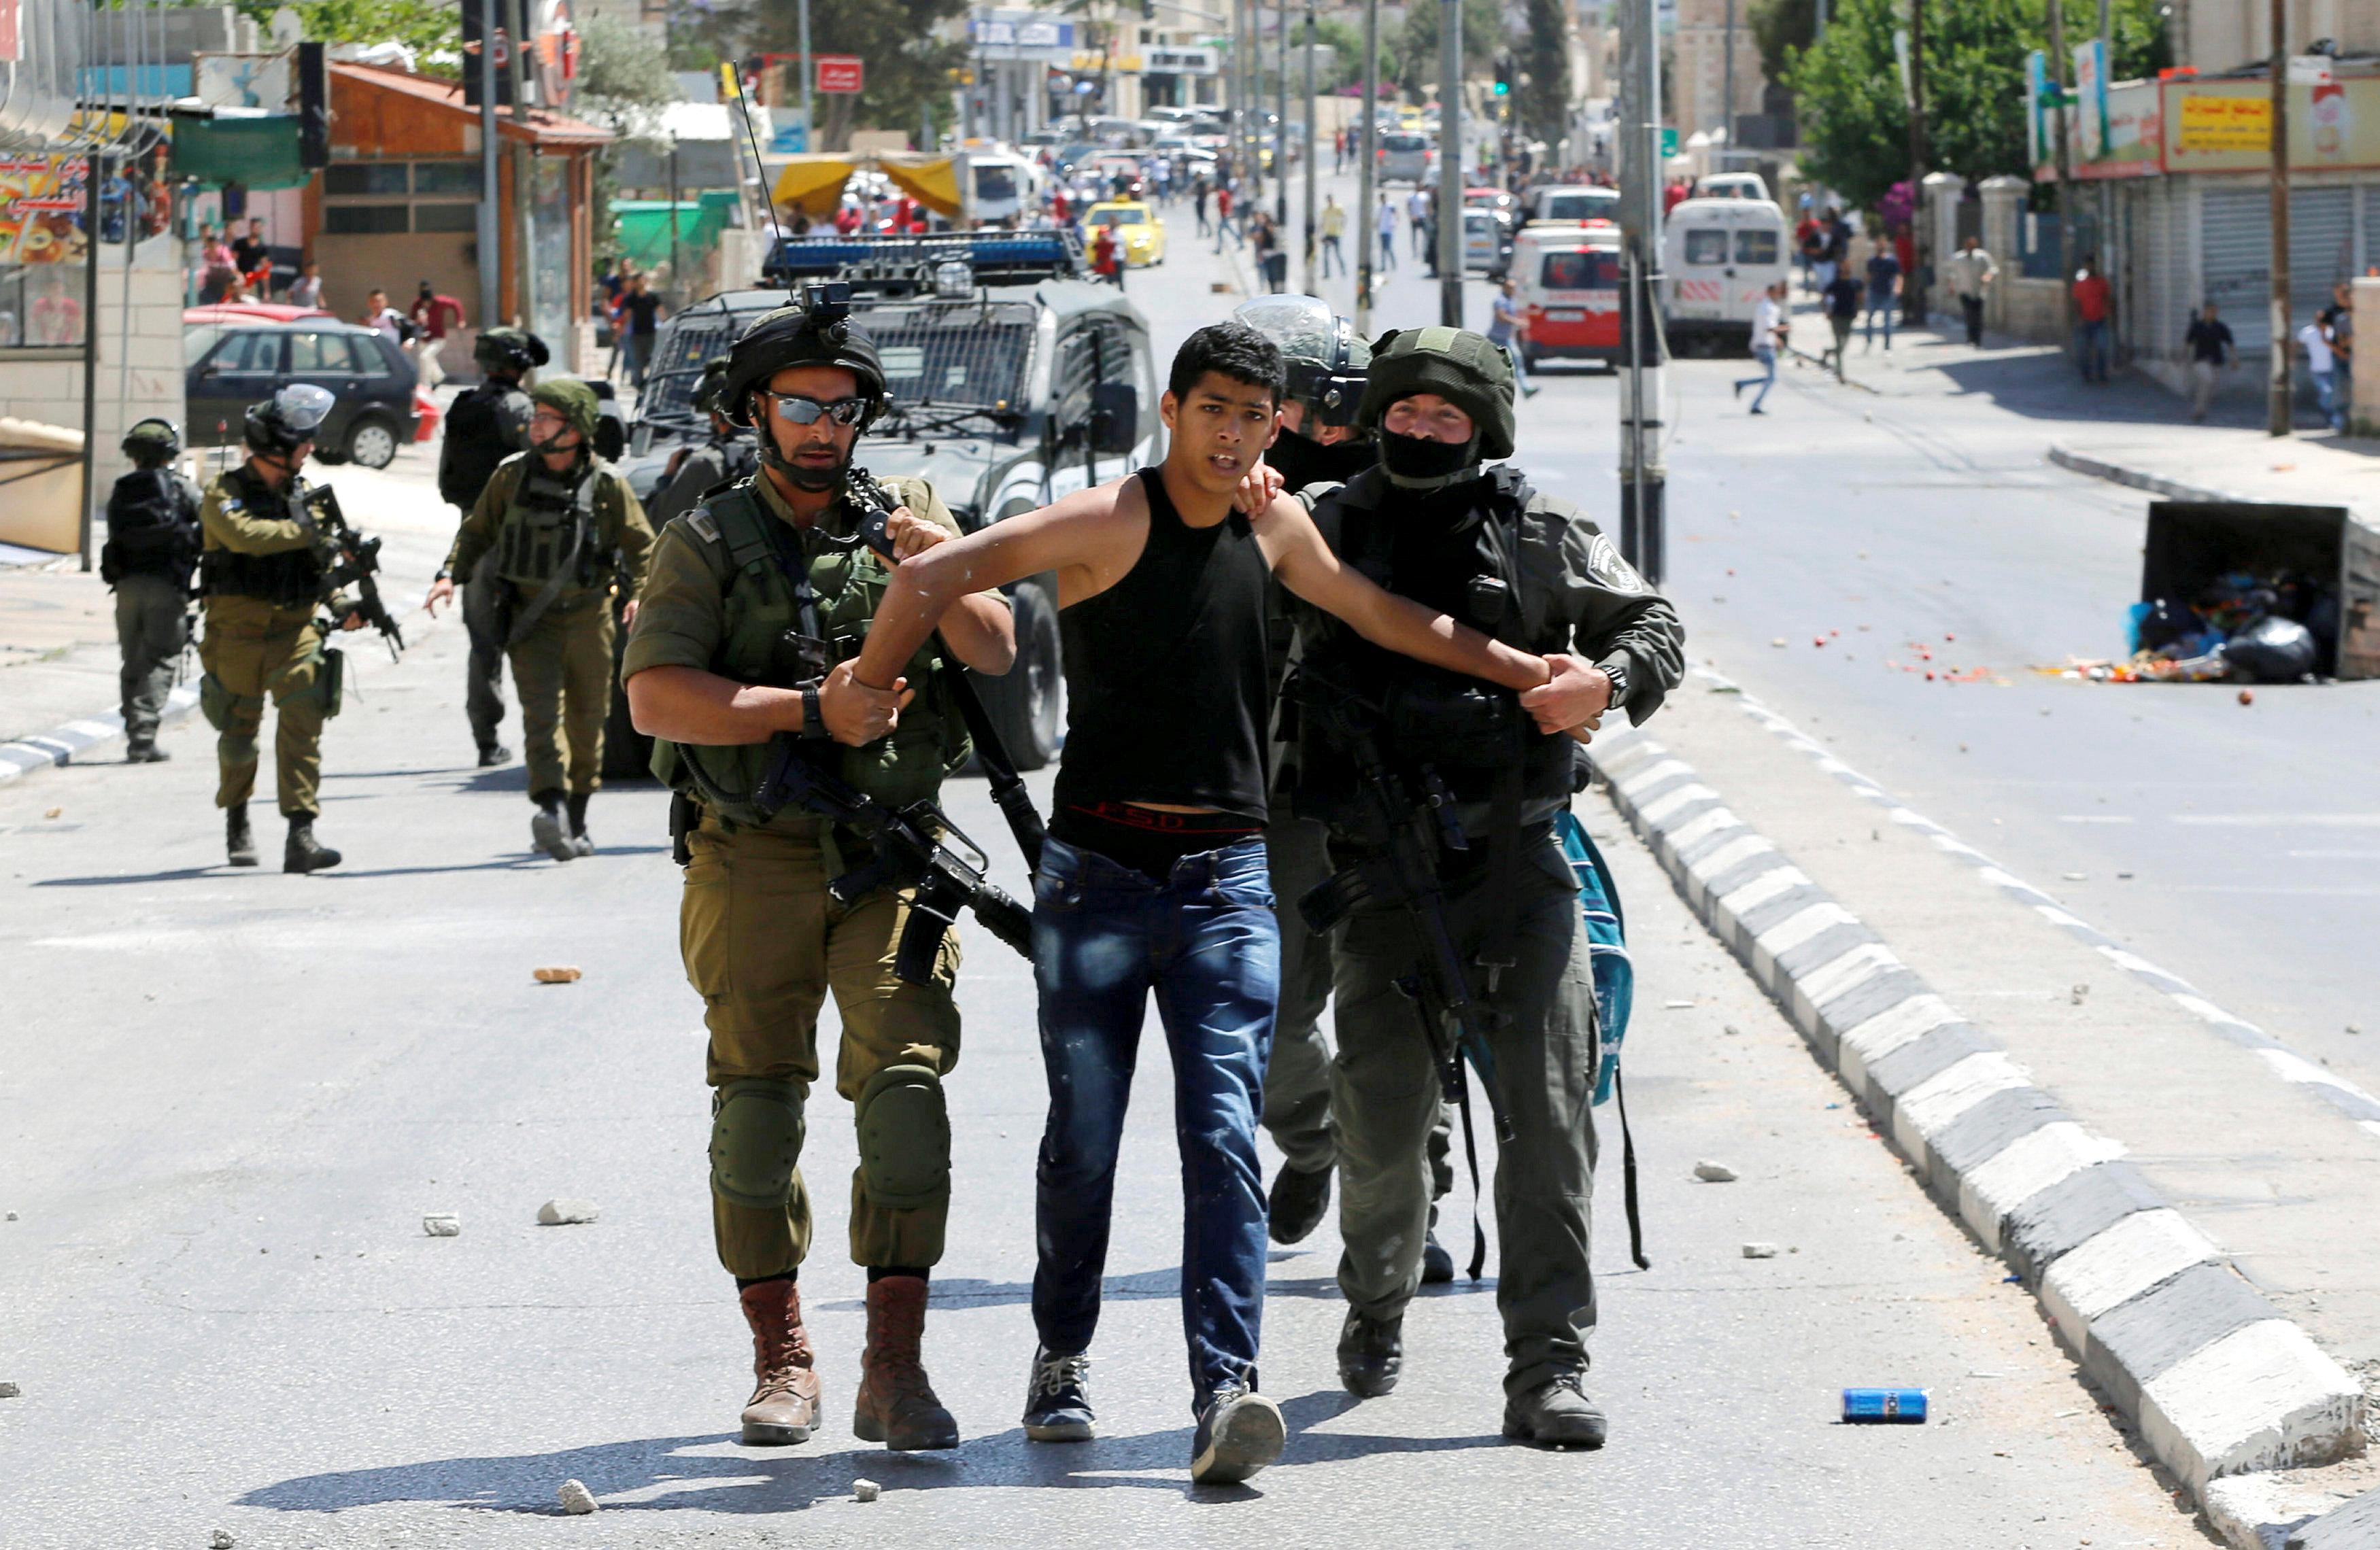 قوات الاحتلال تعتقل شابا فلسطينيا فى بيت لحم بالضفة الغربية